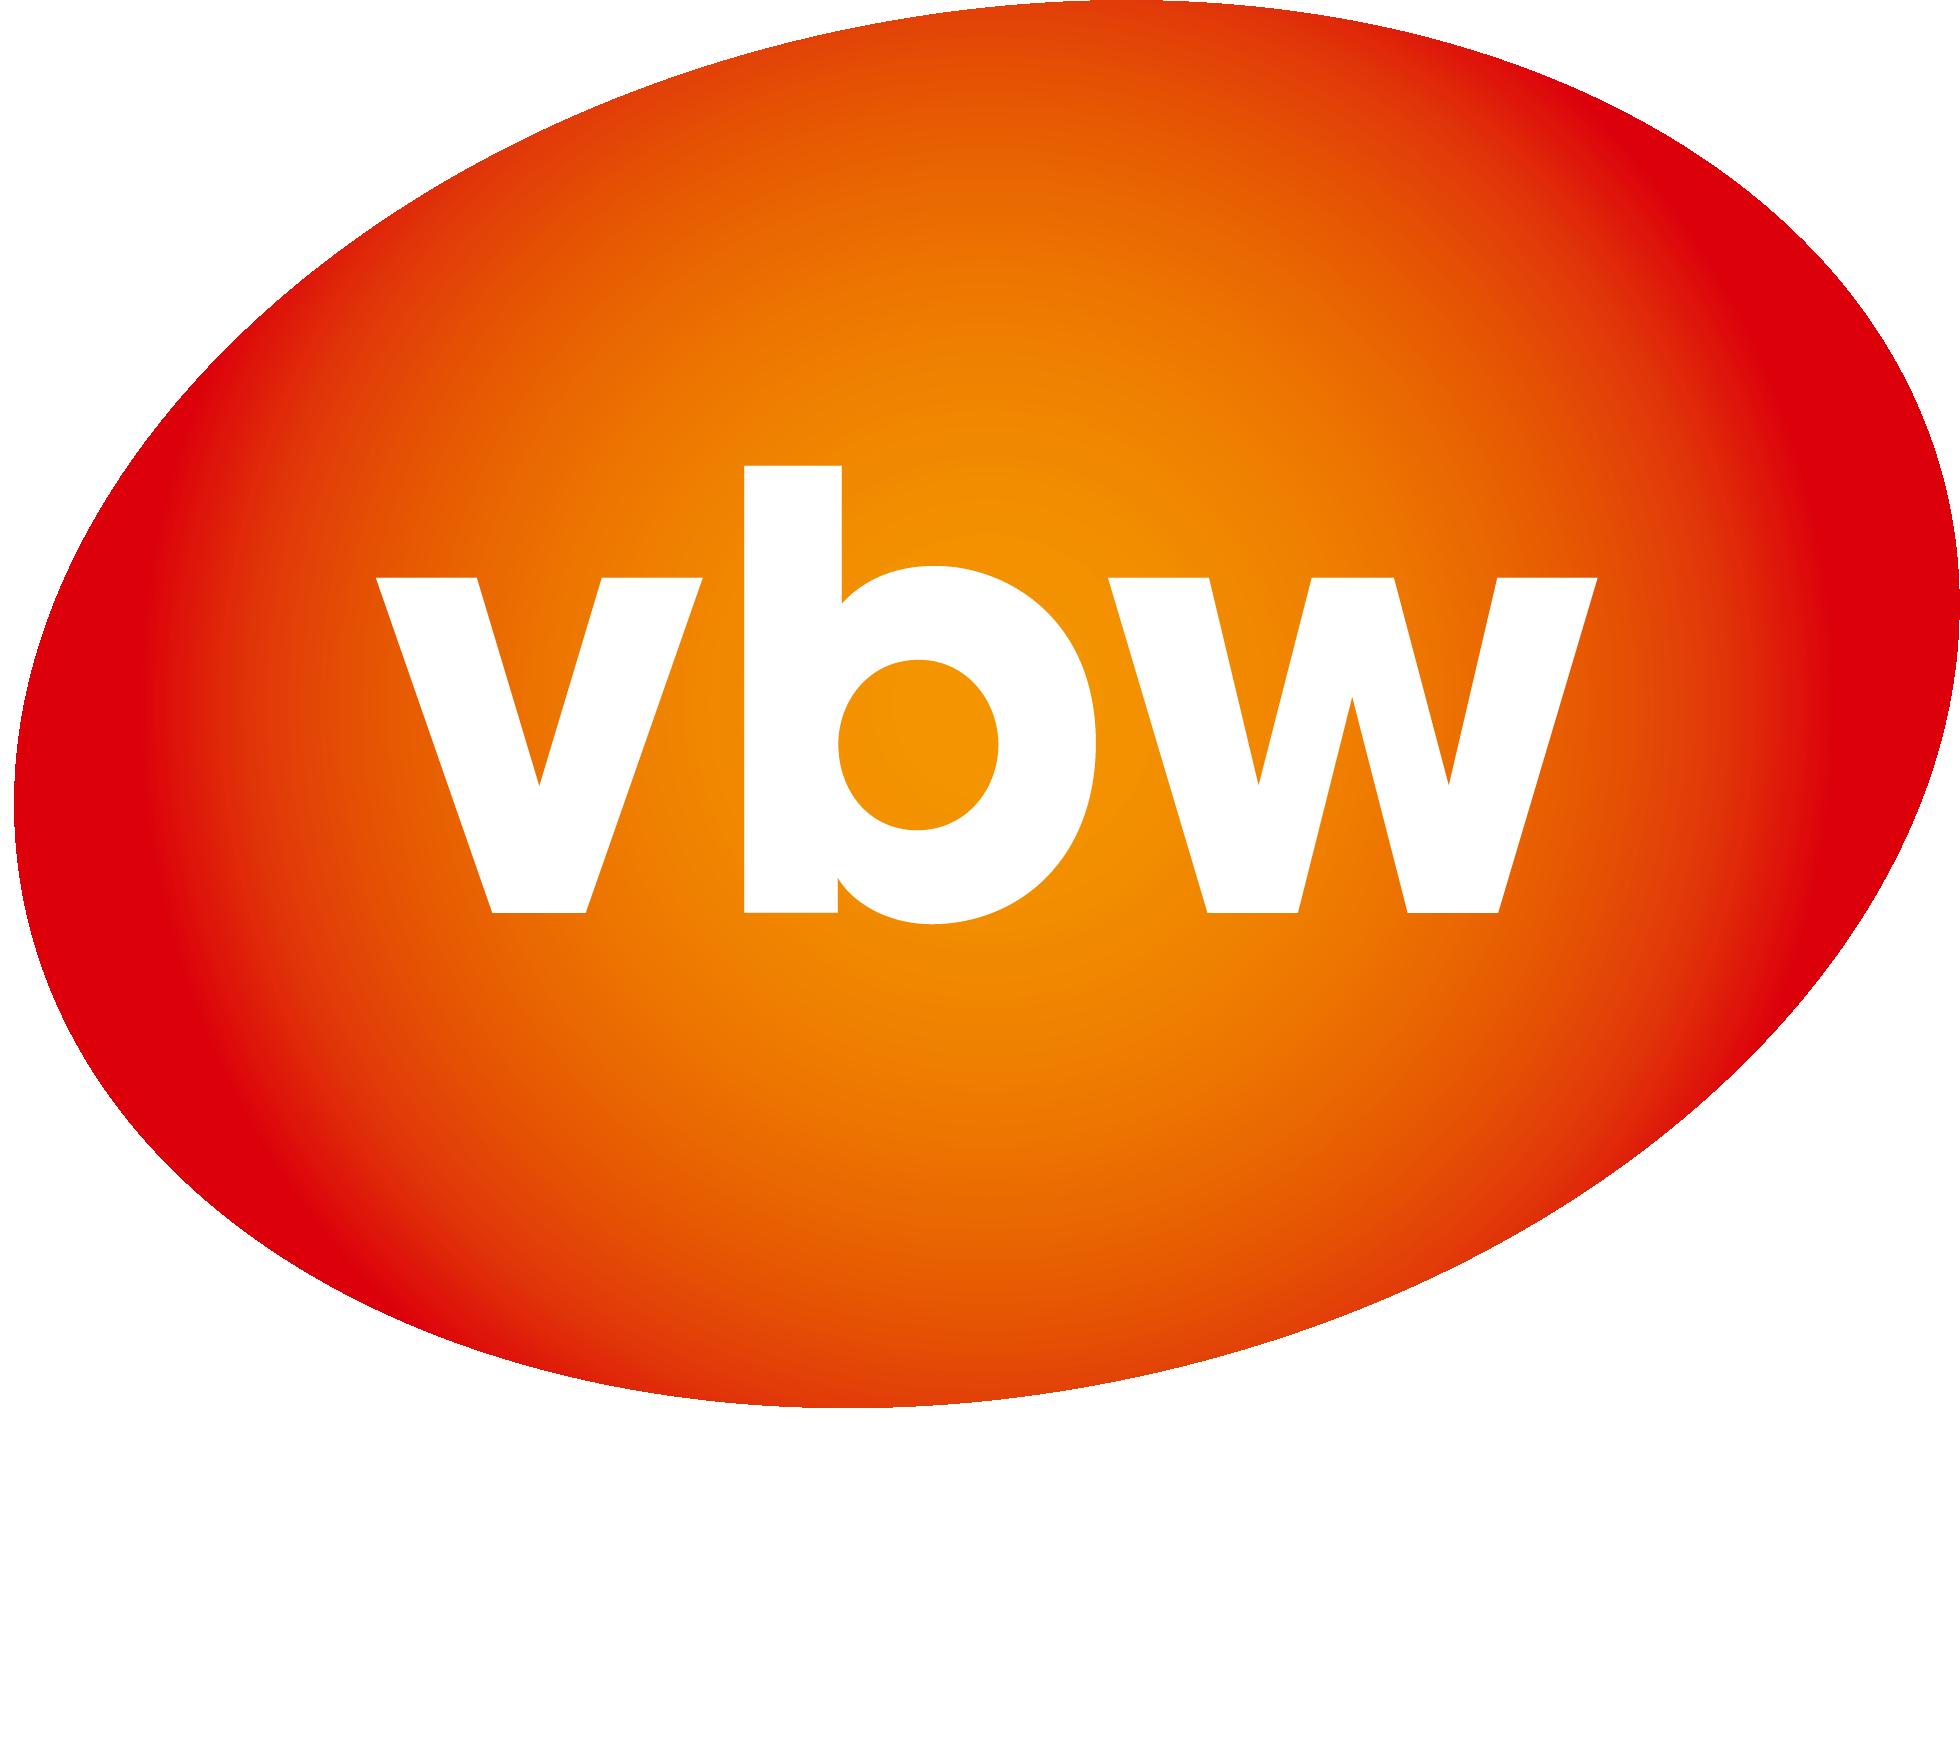 VBW (Vereniging Bloemist winkeliers) is de ondernemende brancheorganisatie voor 1.300 bloemisten in Nederland.